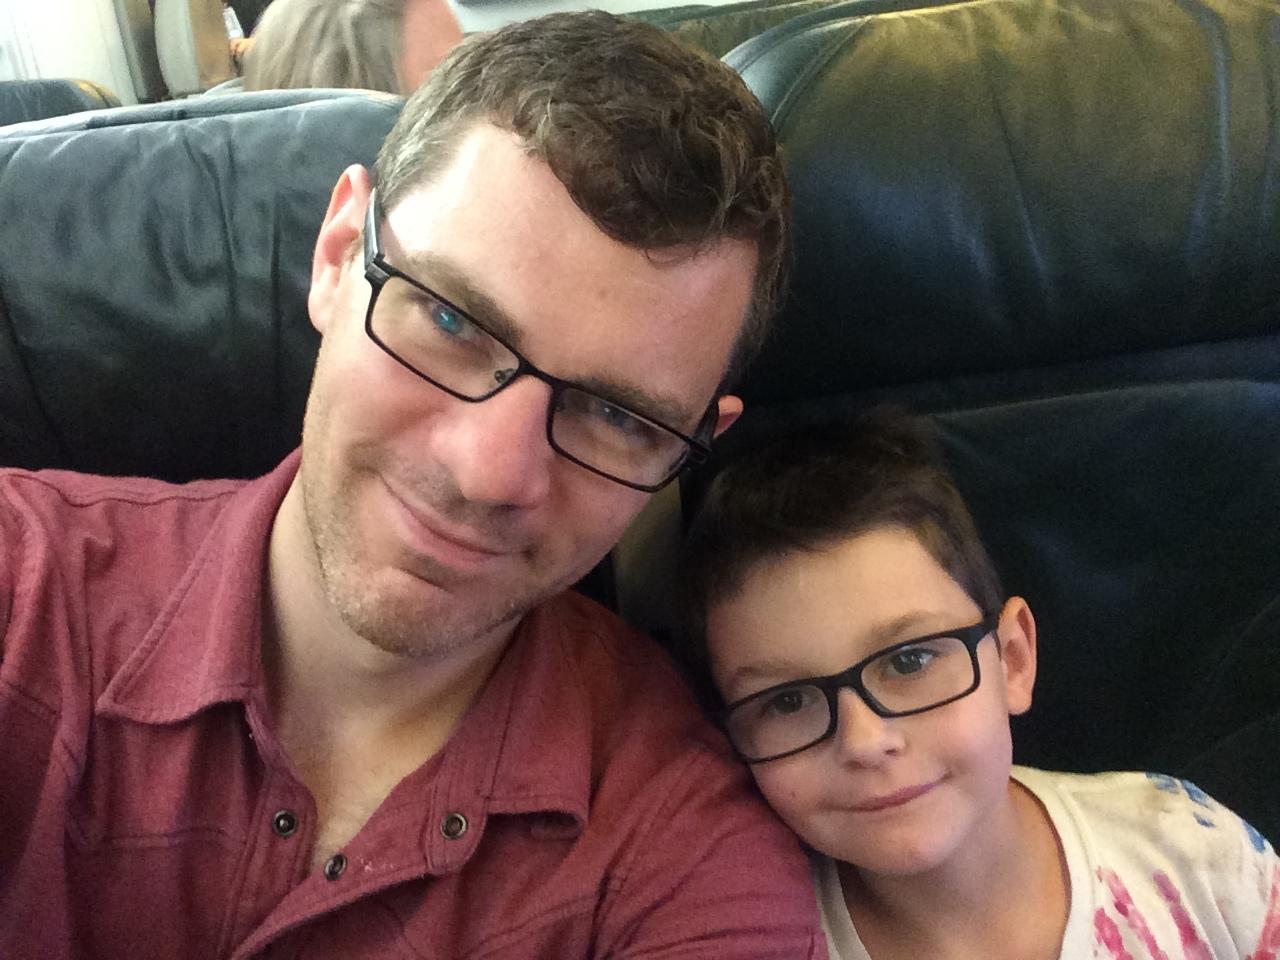 Airplane selfie.